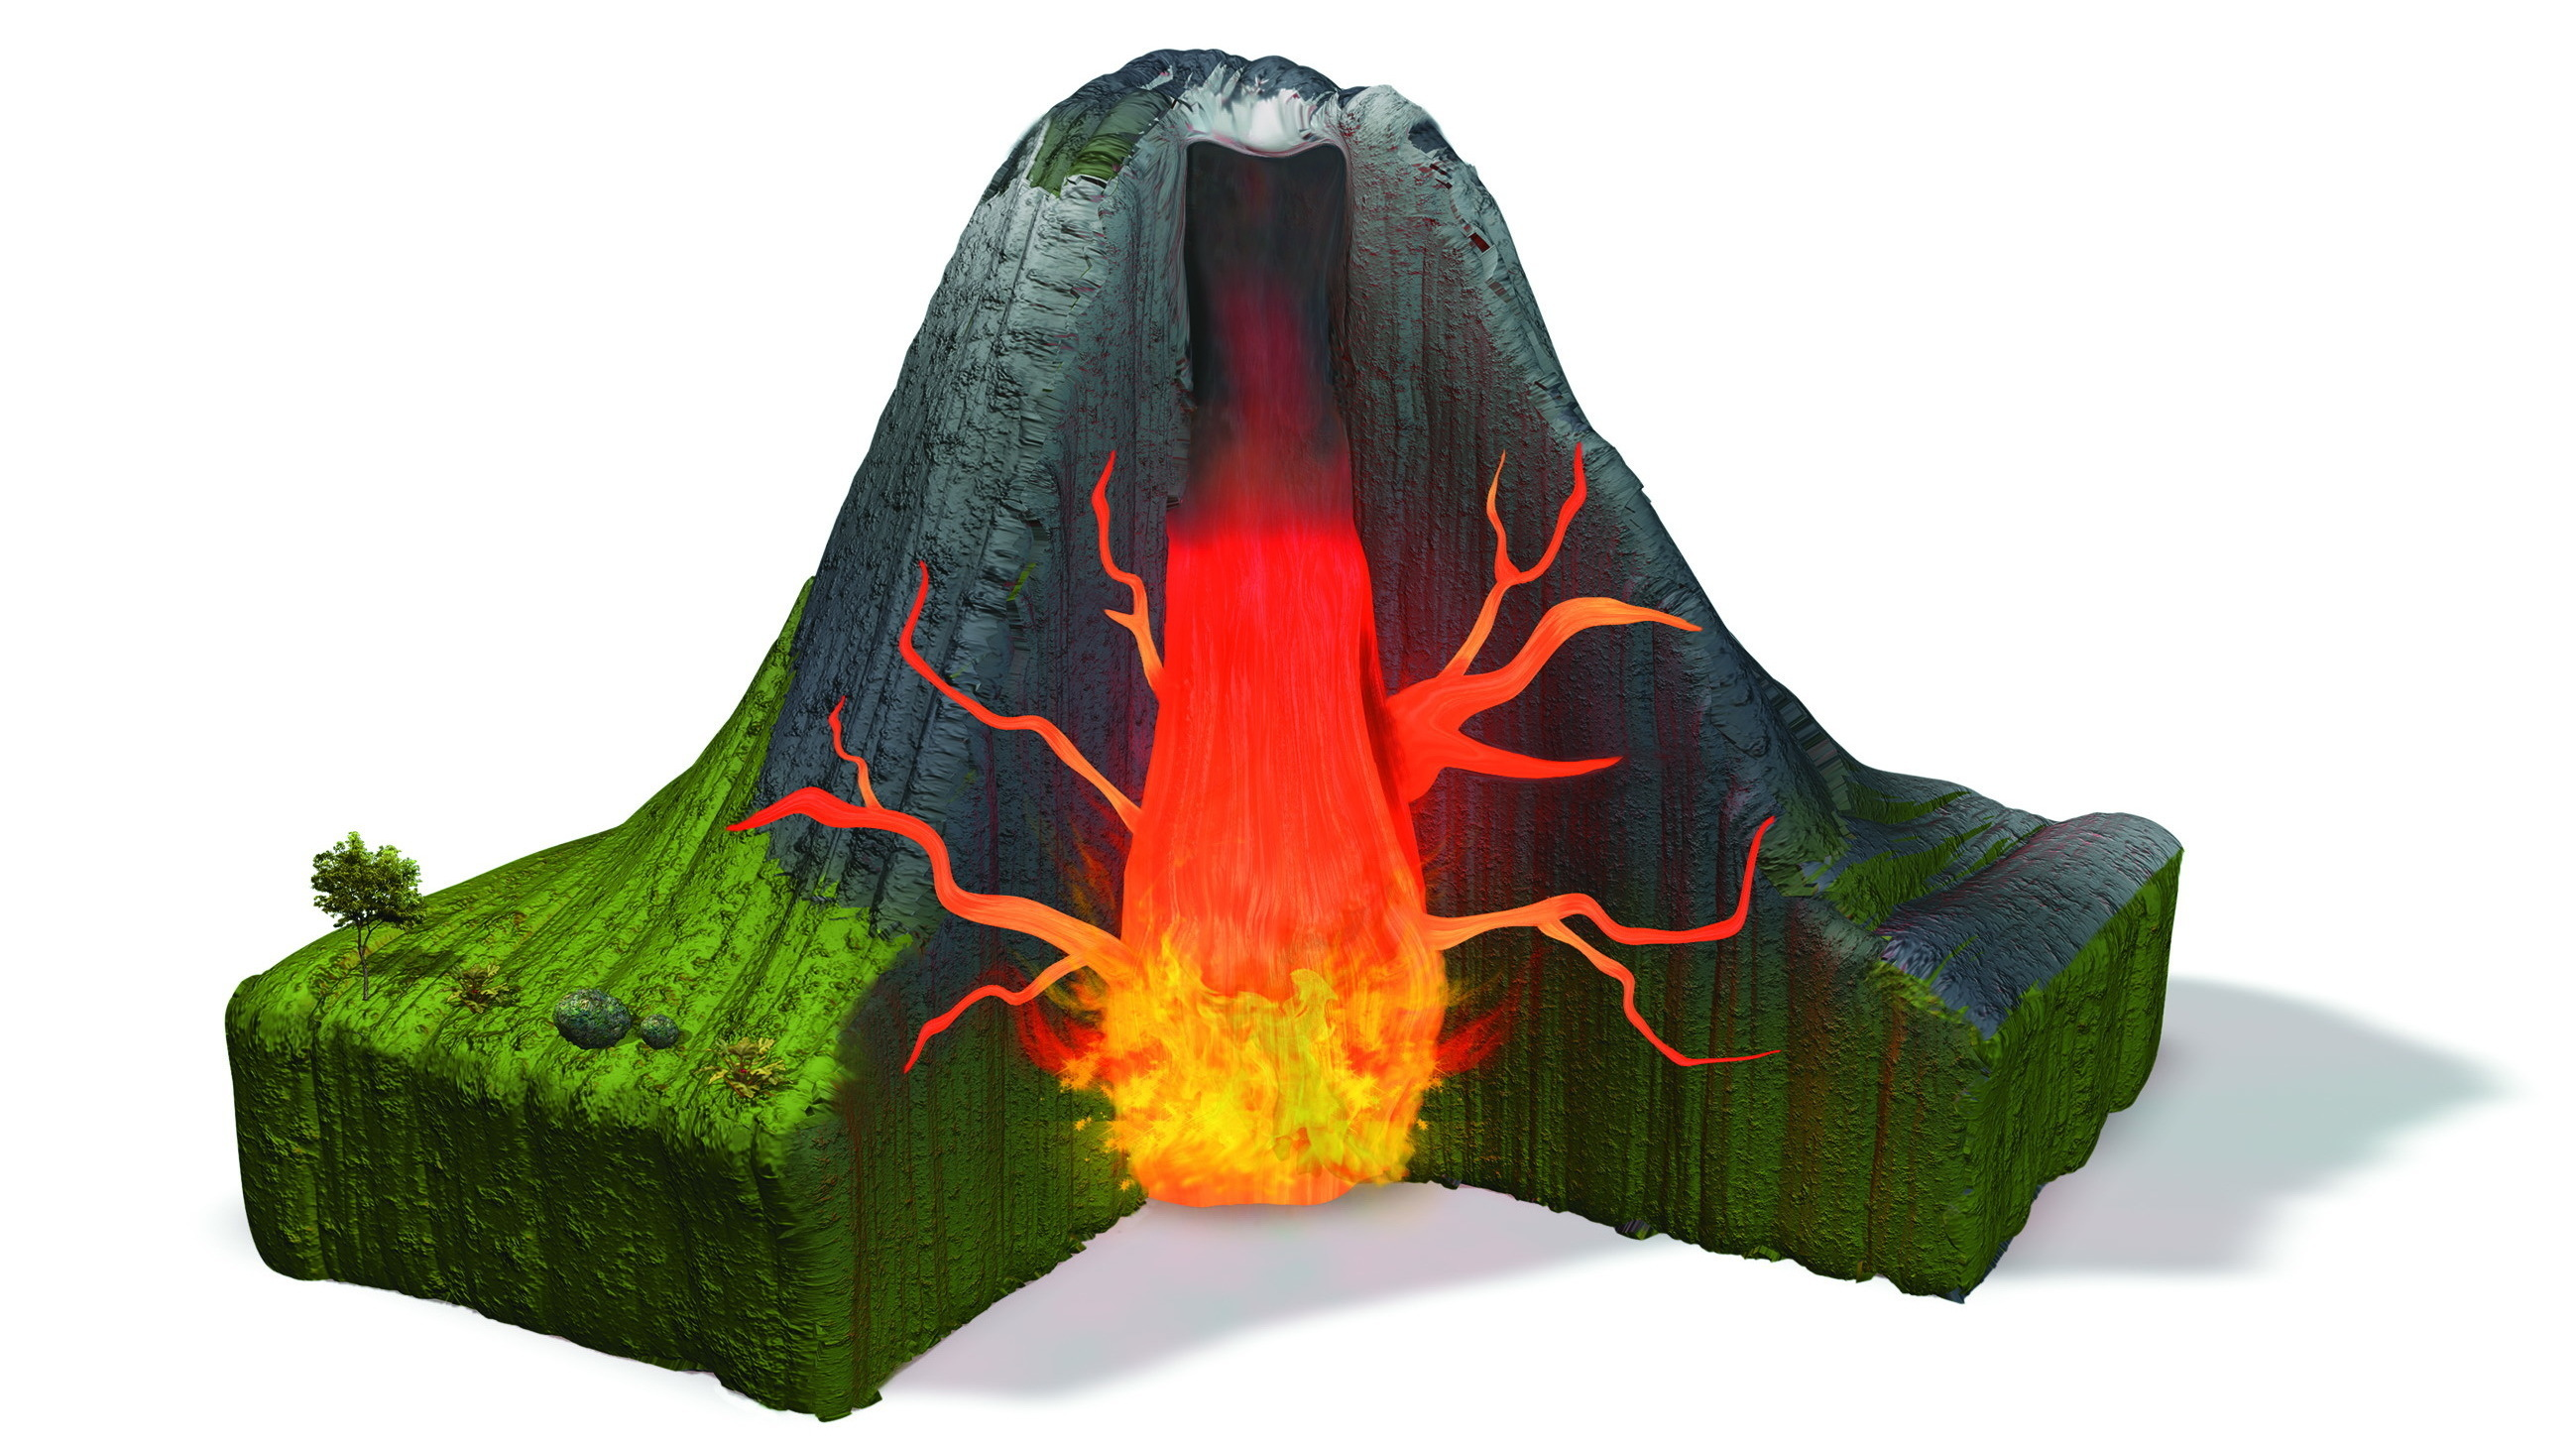 Die Spiele Engine Unity 5 6 Nutzt Vulkan Heise Developer